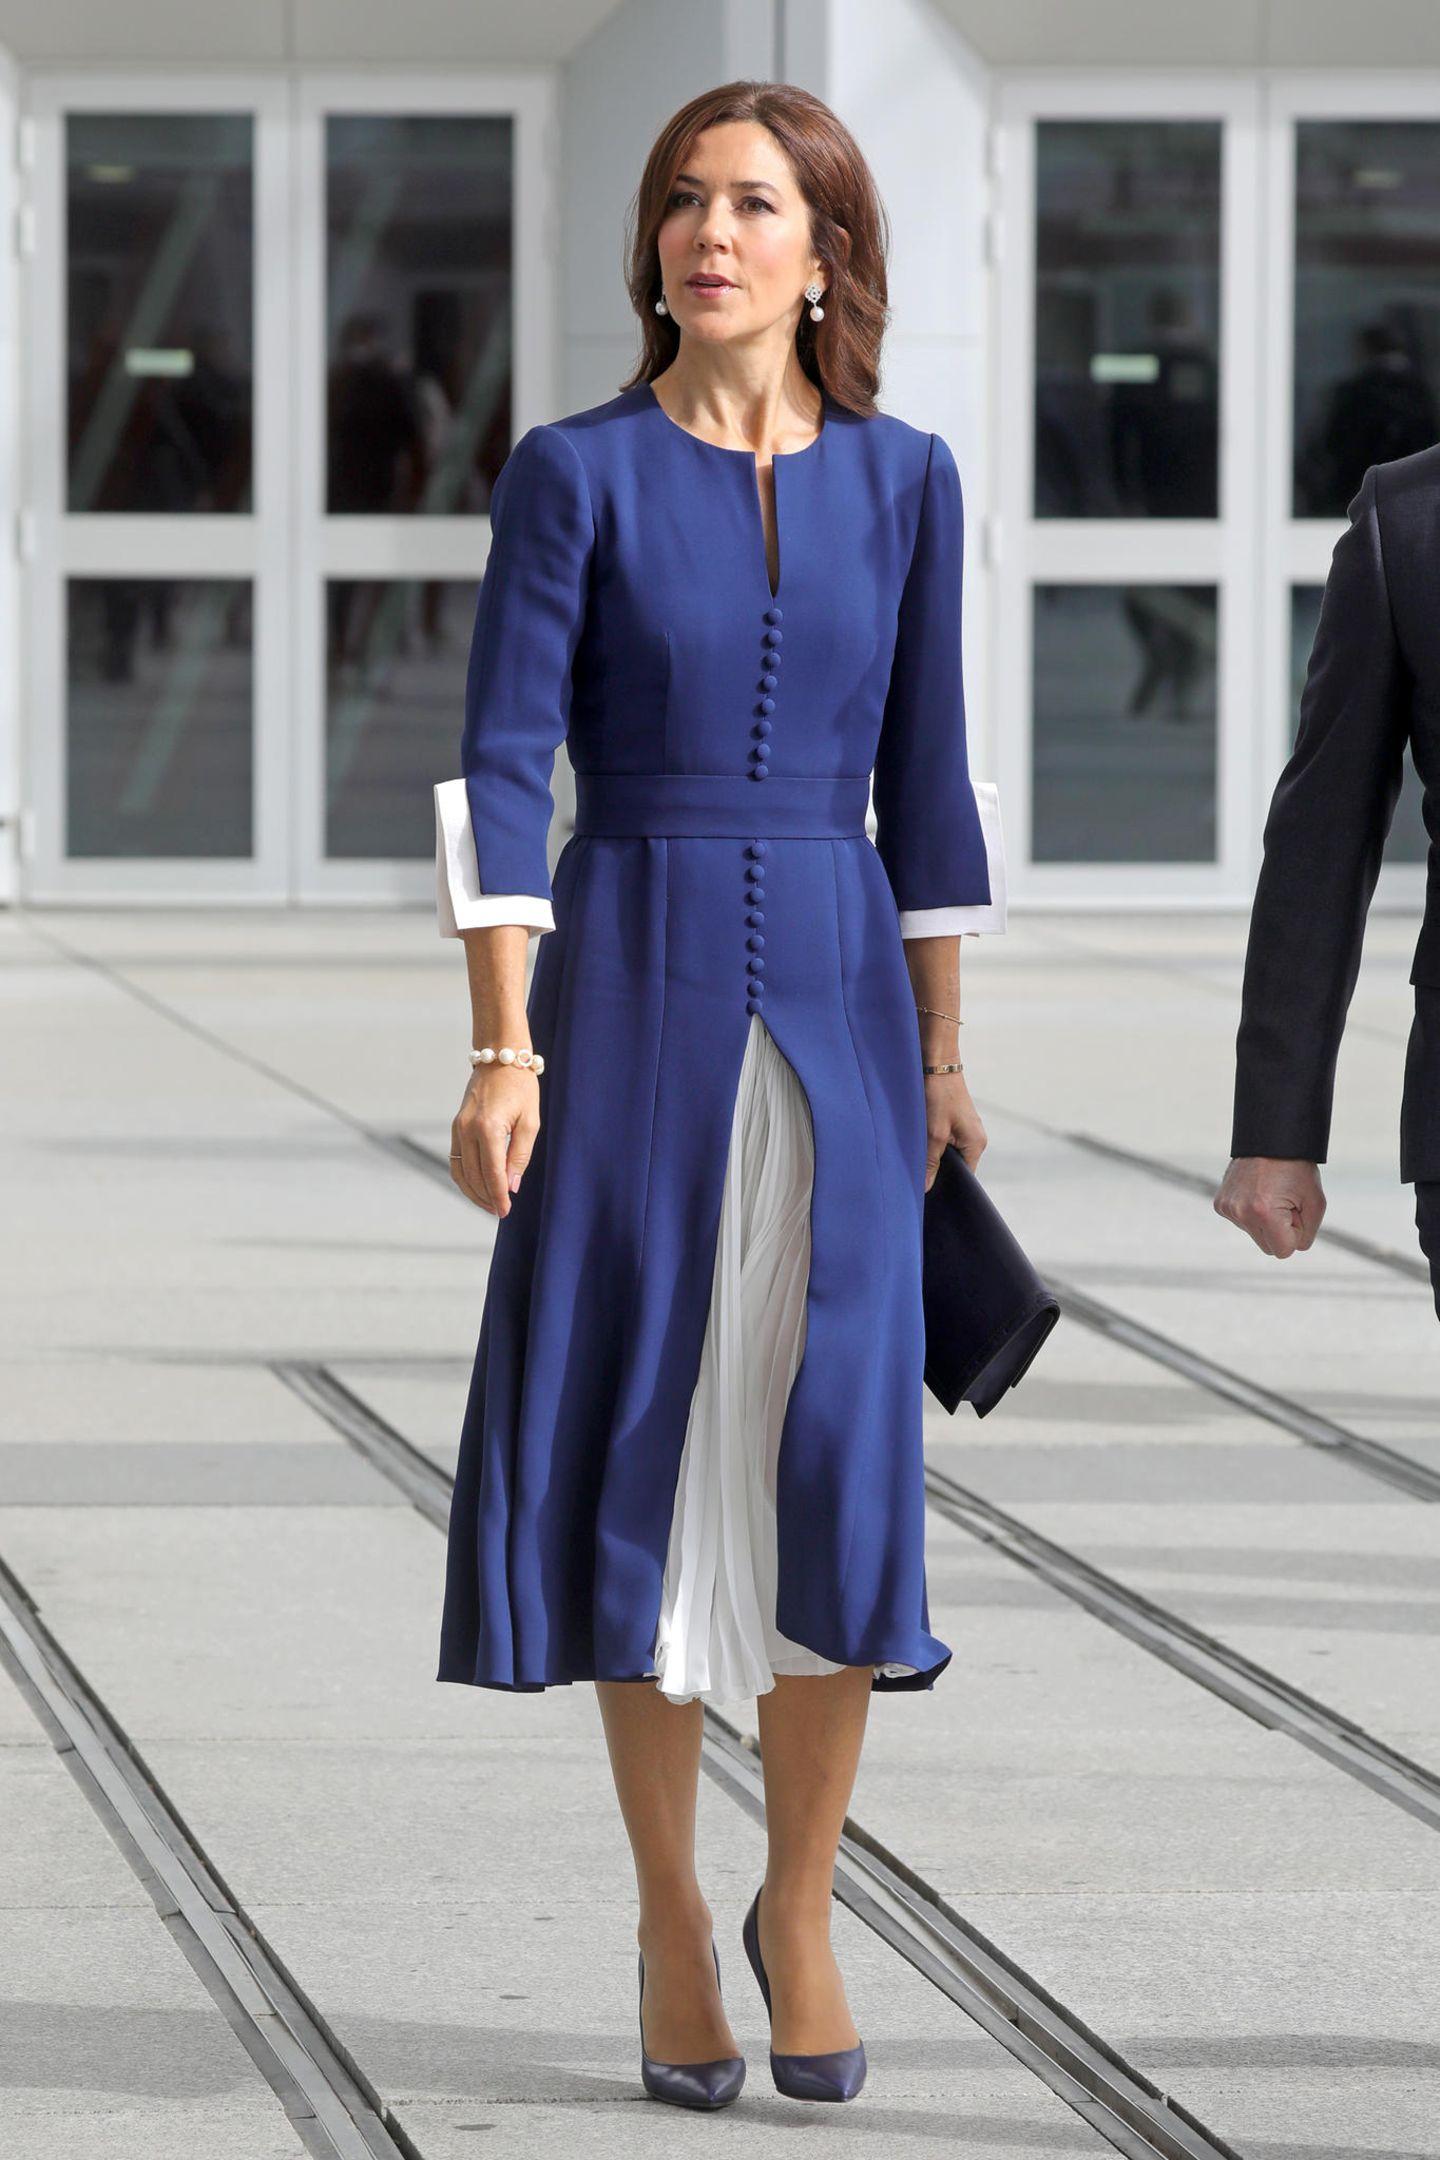 fashion-looks: der style von prinzessin mary | gala.de